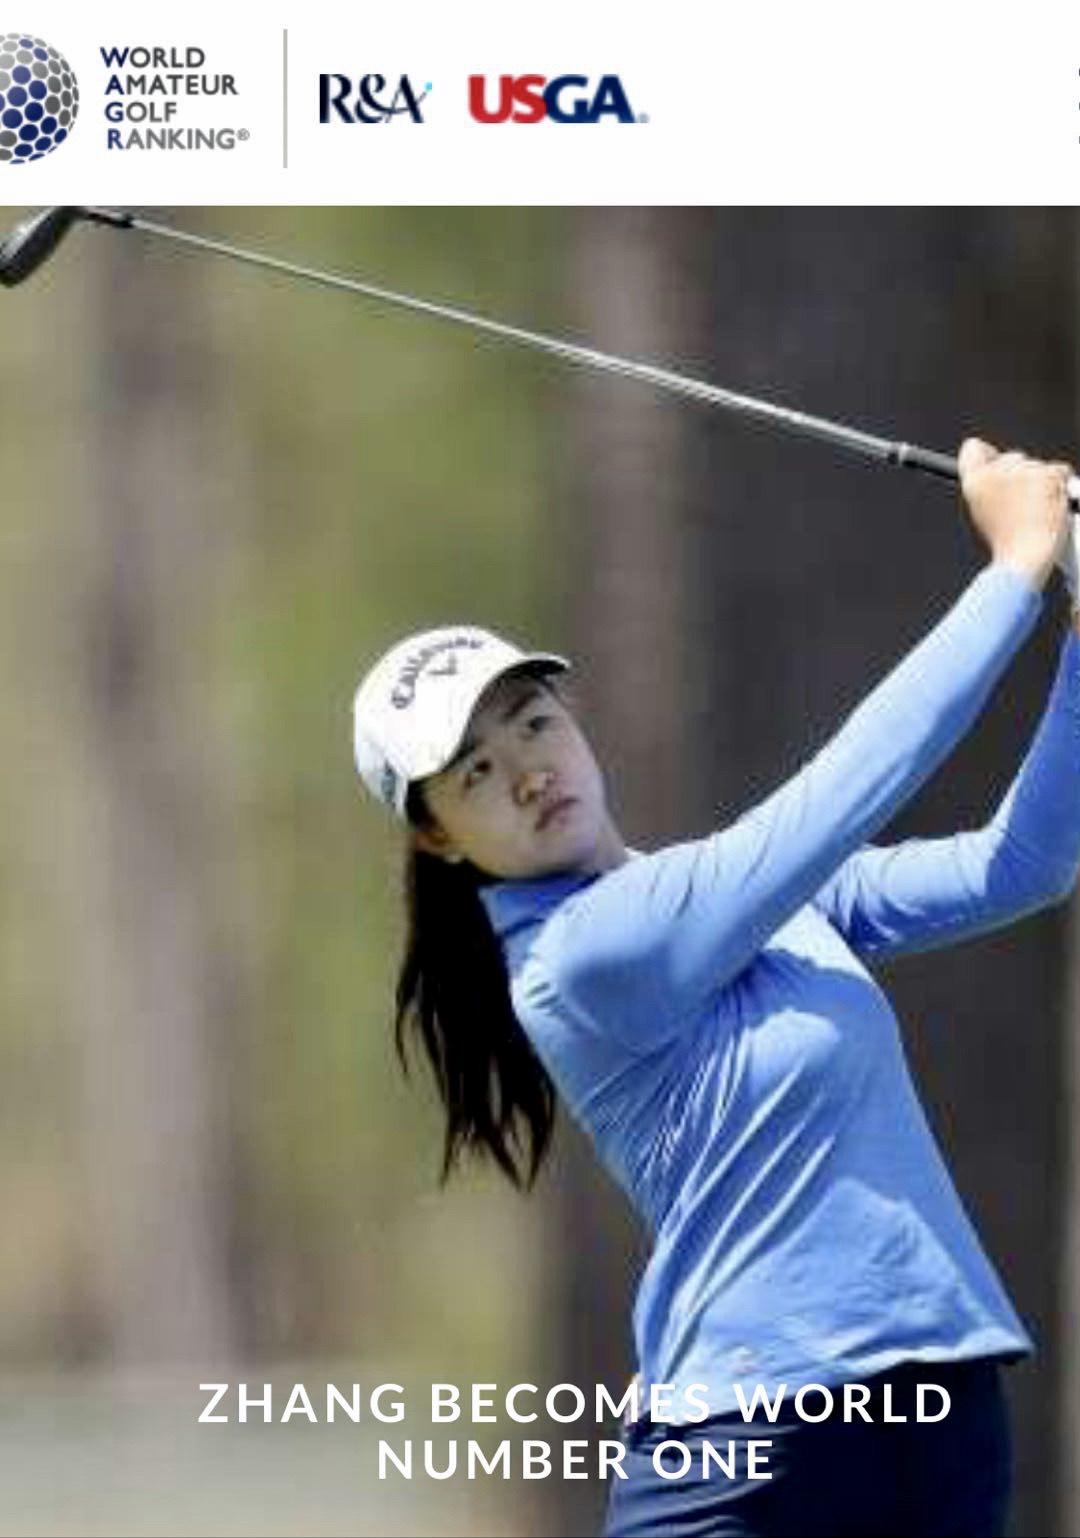 17歲的張斯洋在最新一期世界女子業餘高爾夫球選手排名第一。WAGR截圖